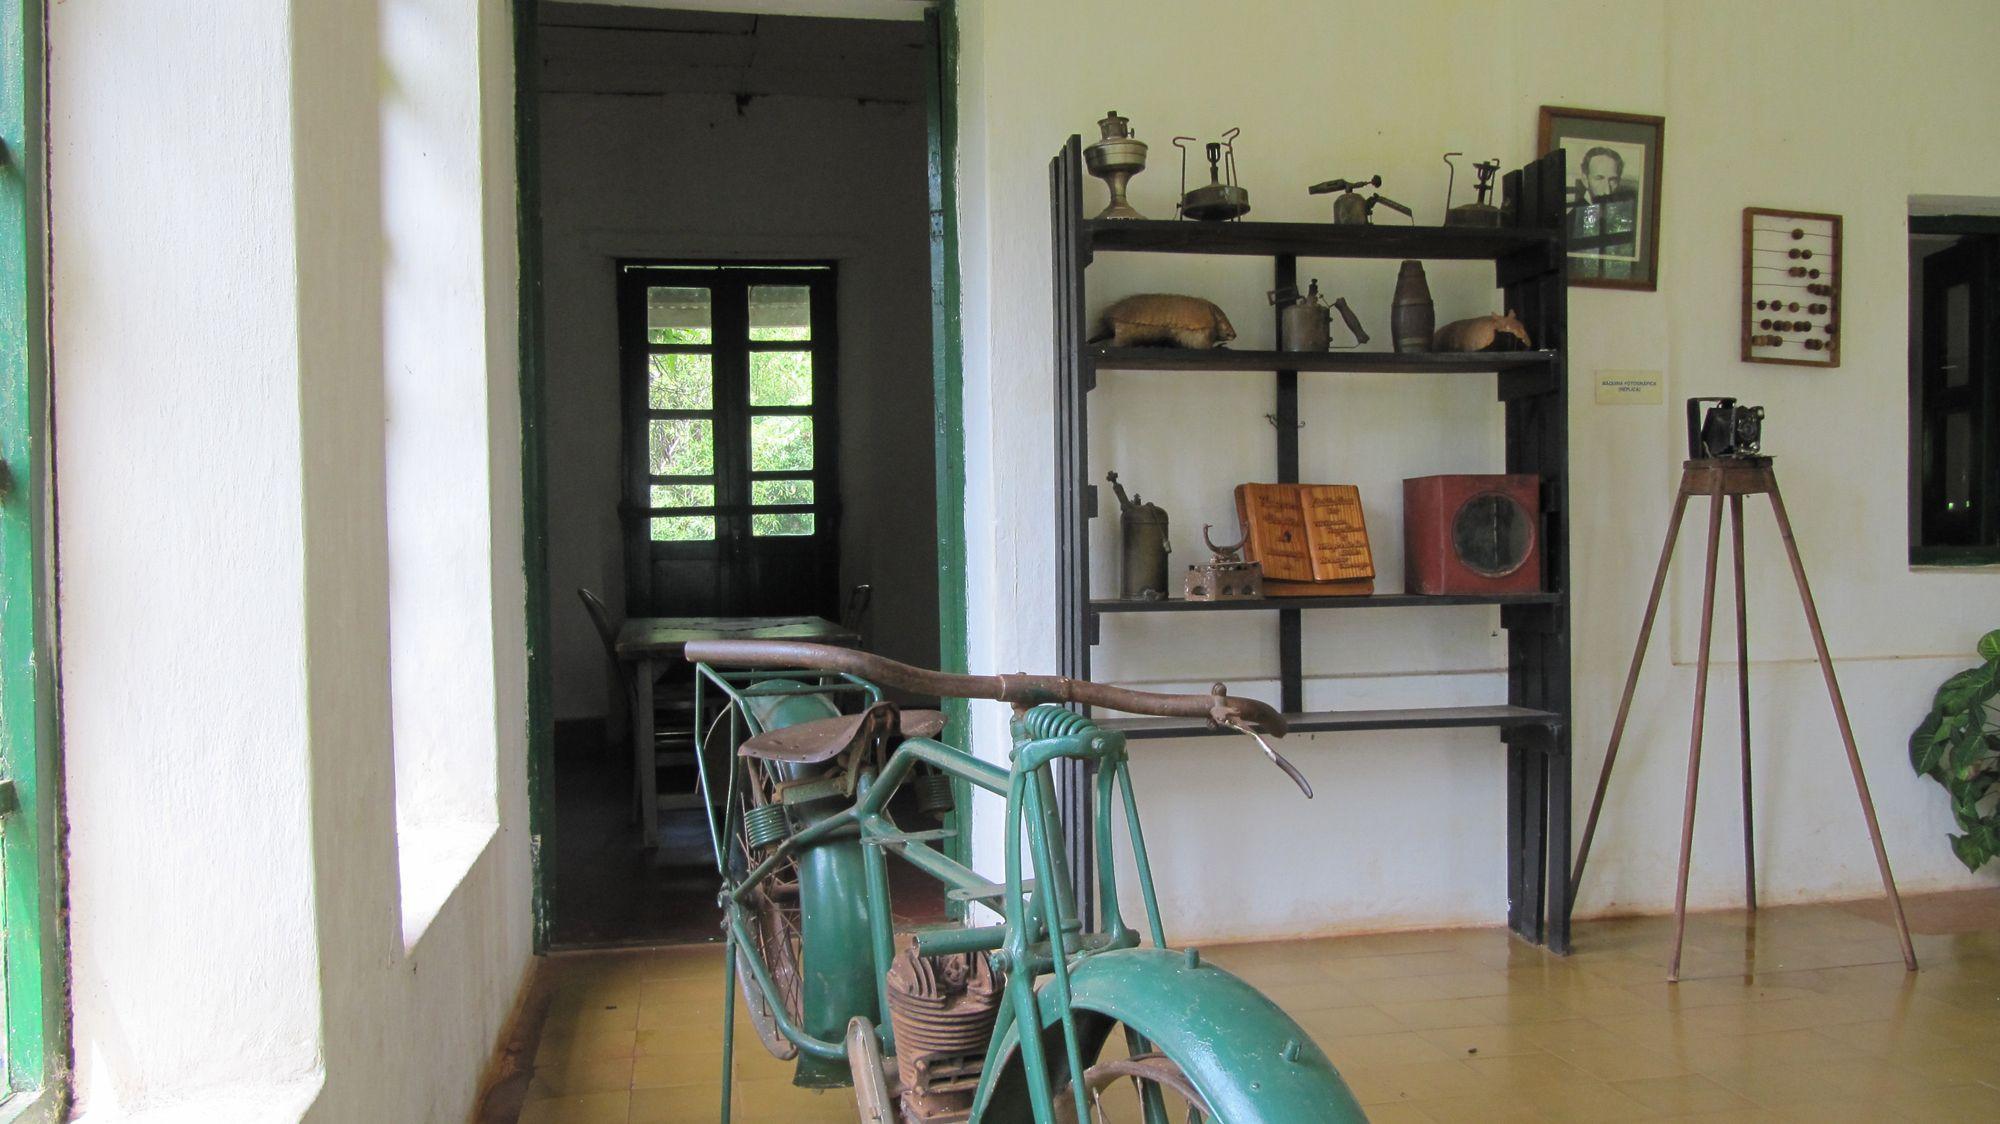 Casa de Horacio Quiroga en la selva de Misiones. Fotografía de Hugo Pardo Kuklinski(Flickr/CC)